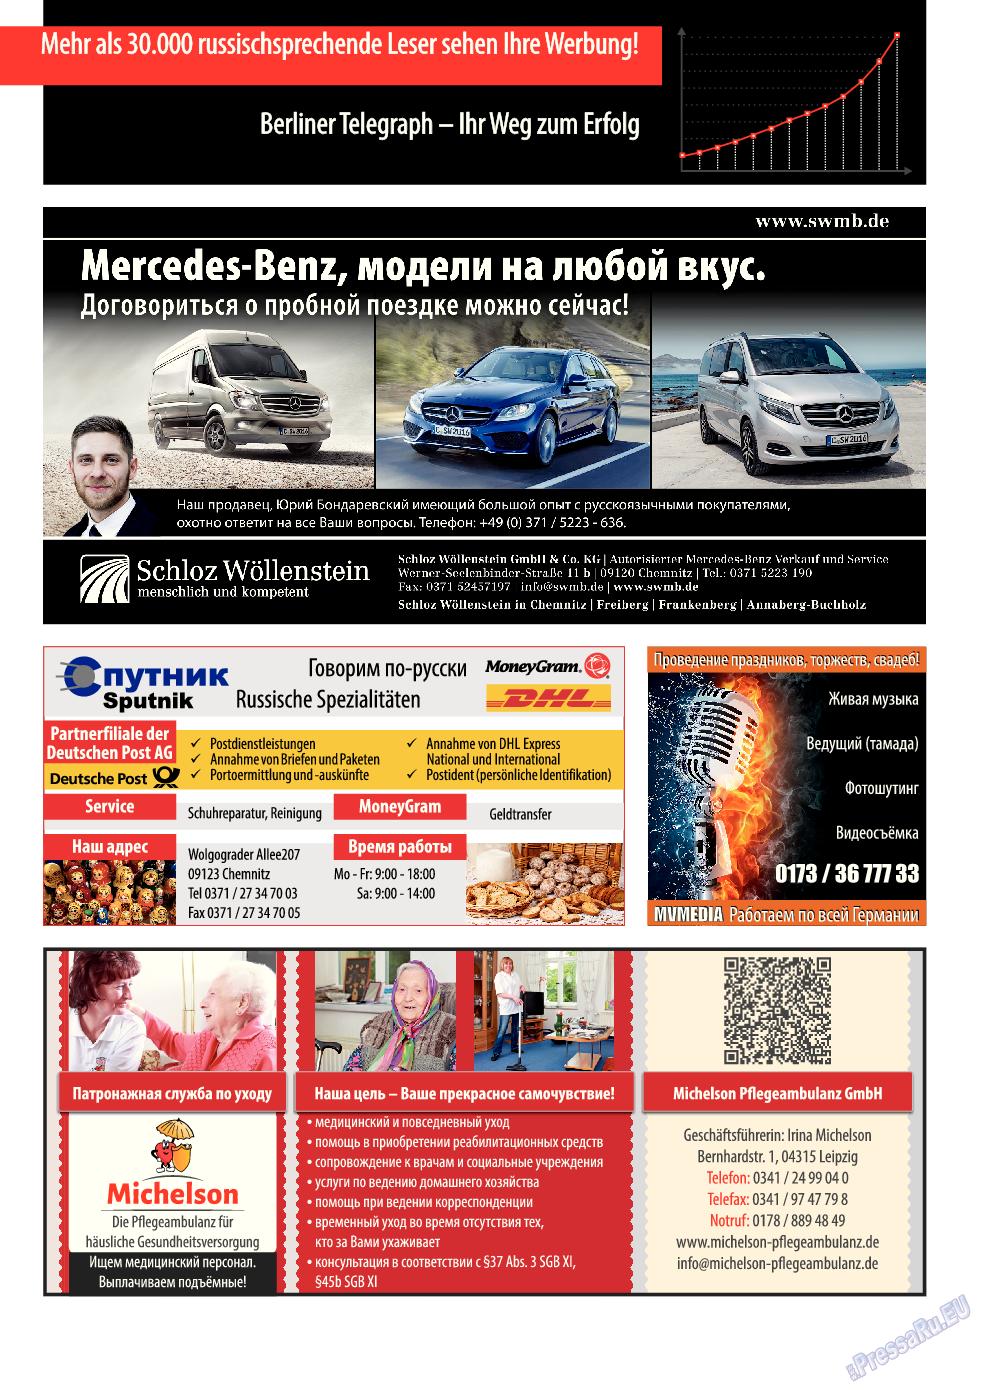 Берлинский телеграф (журнал). 2016 год, номер 13, стр. 40